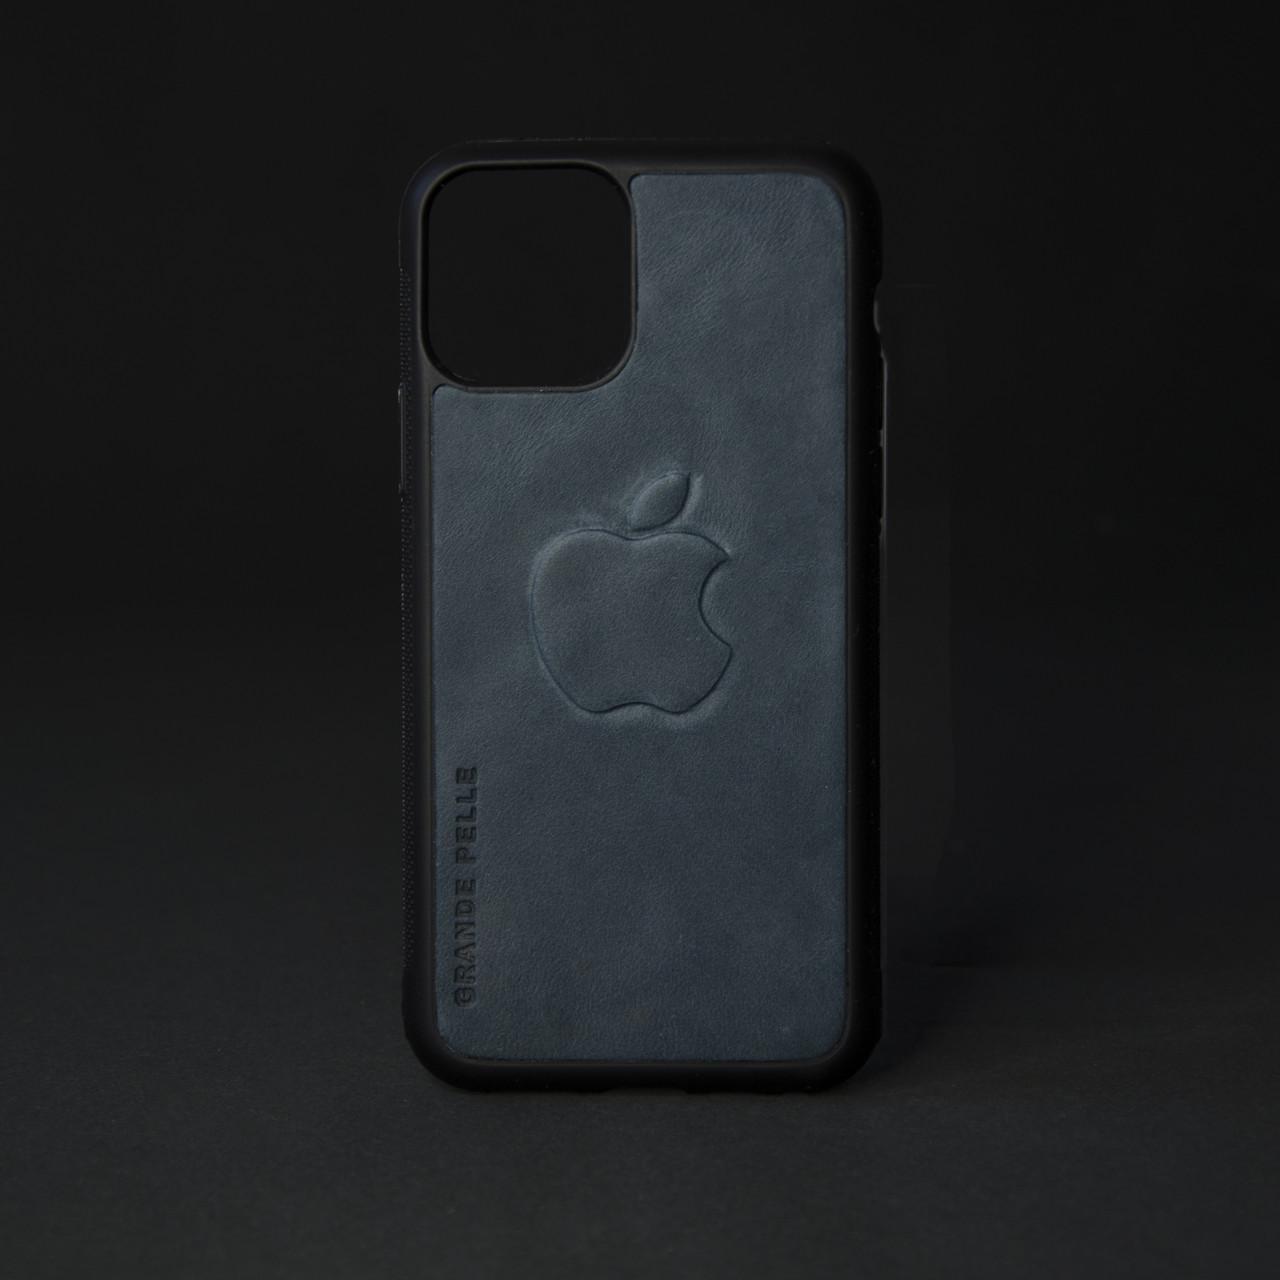 Кейс для IPhone, блакитний, з металевою вставкою для автотримача